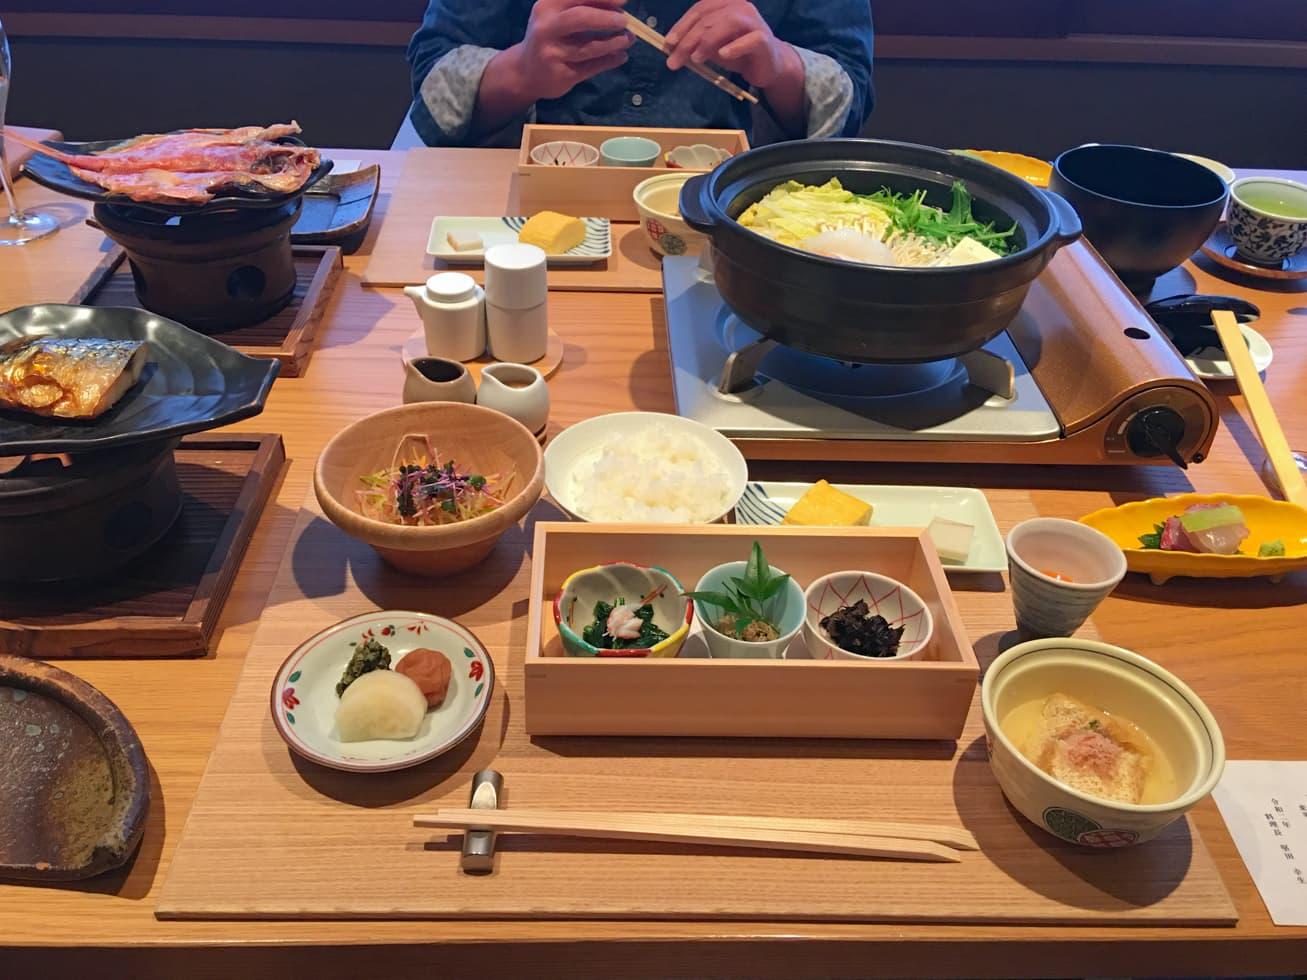 箱根のおいしい食べ物の写真